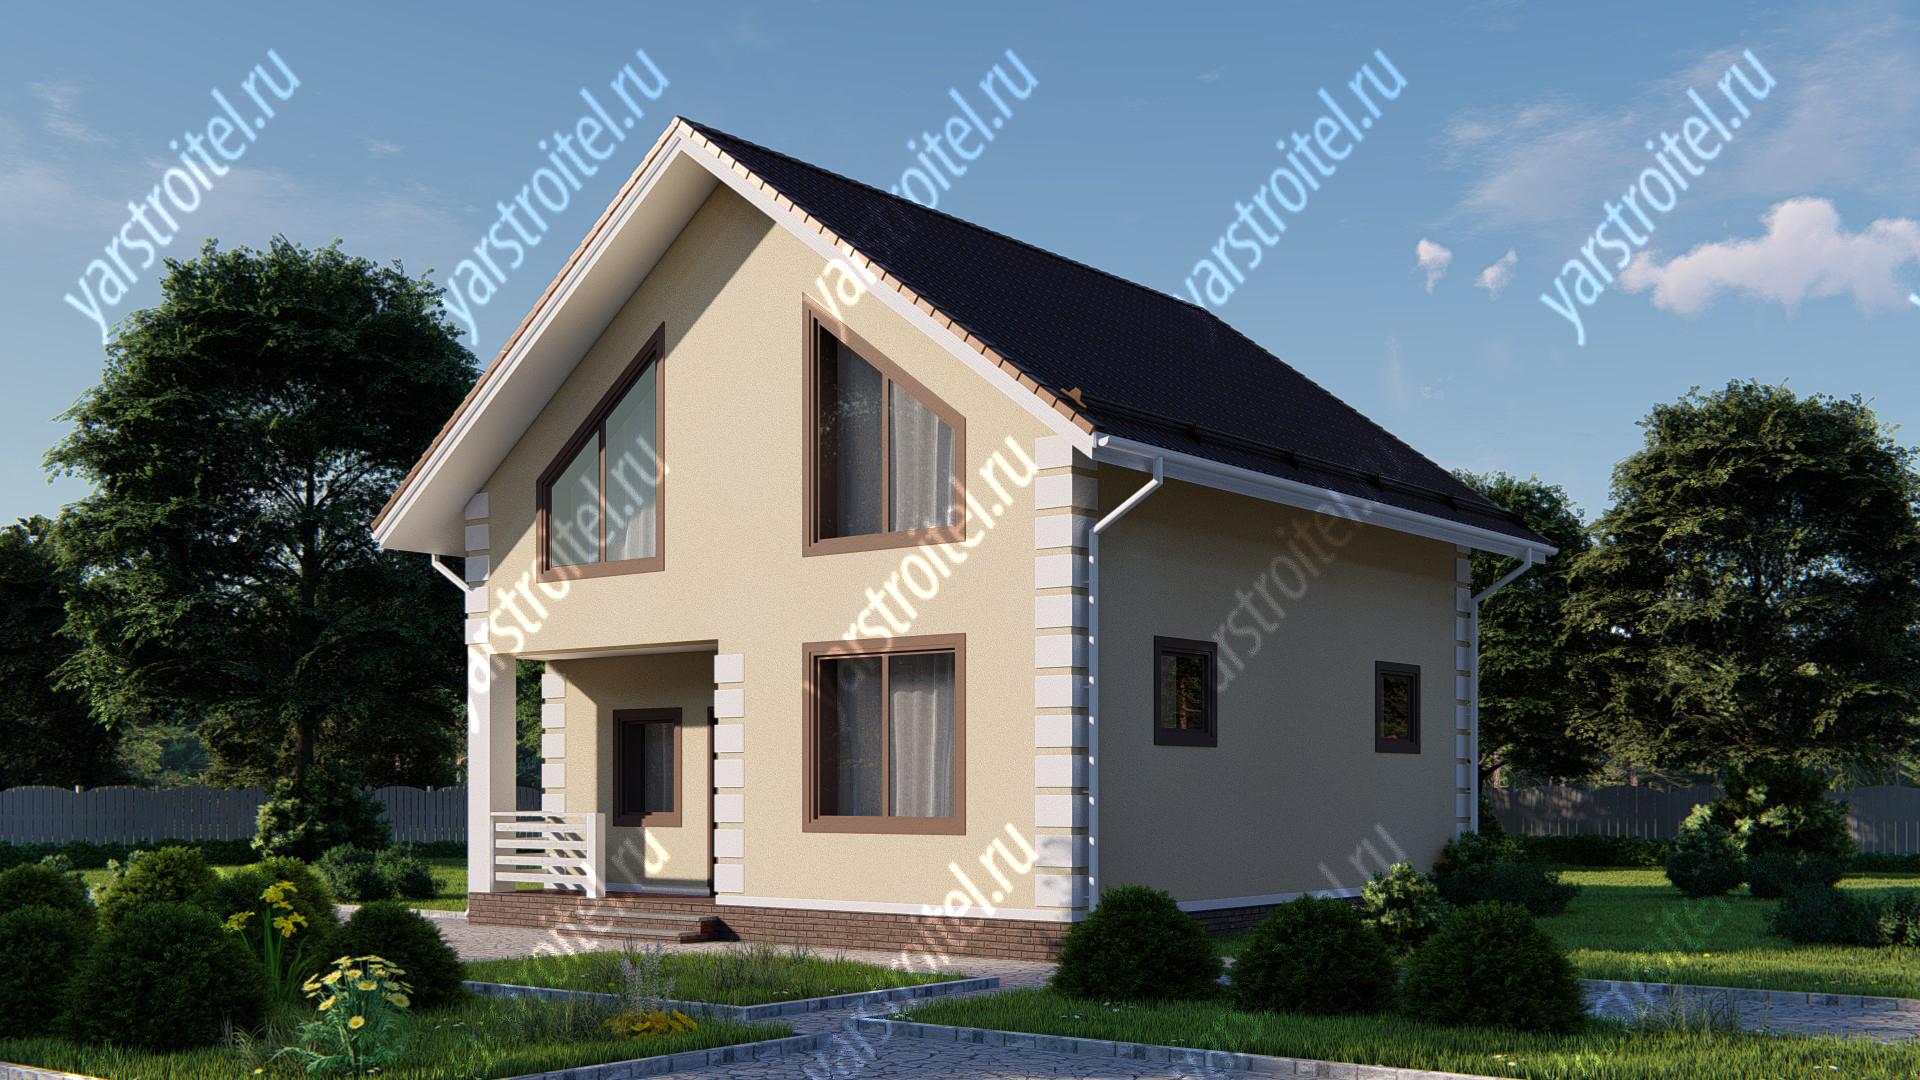 Фотография улучшенного проекта частного дома